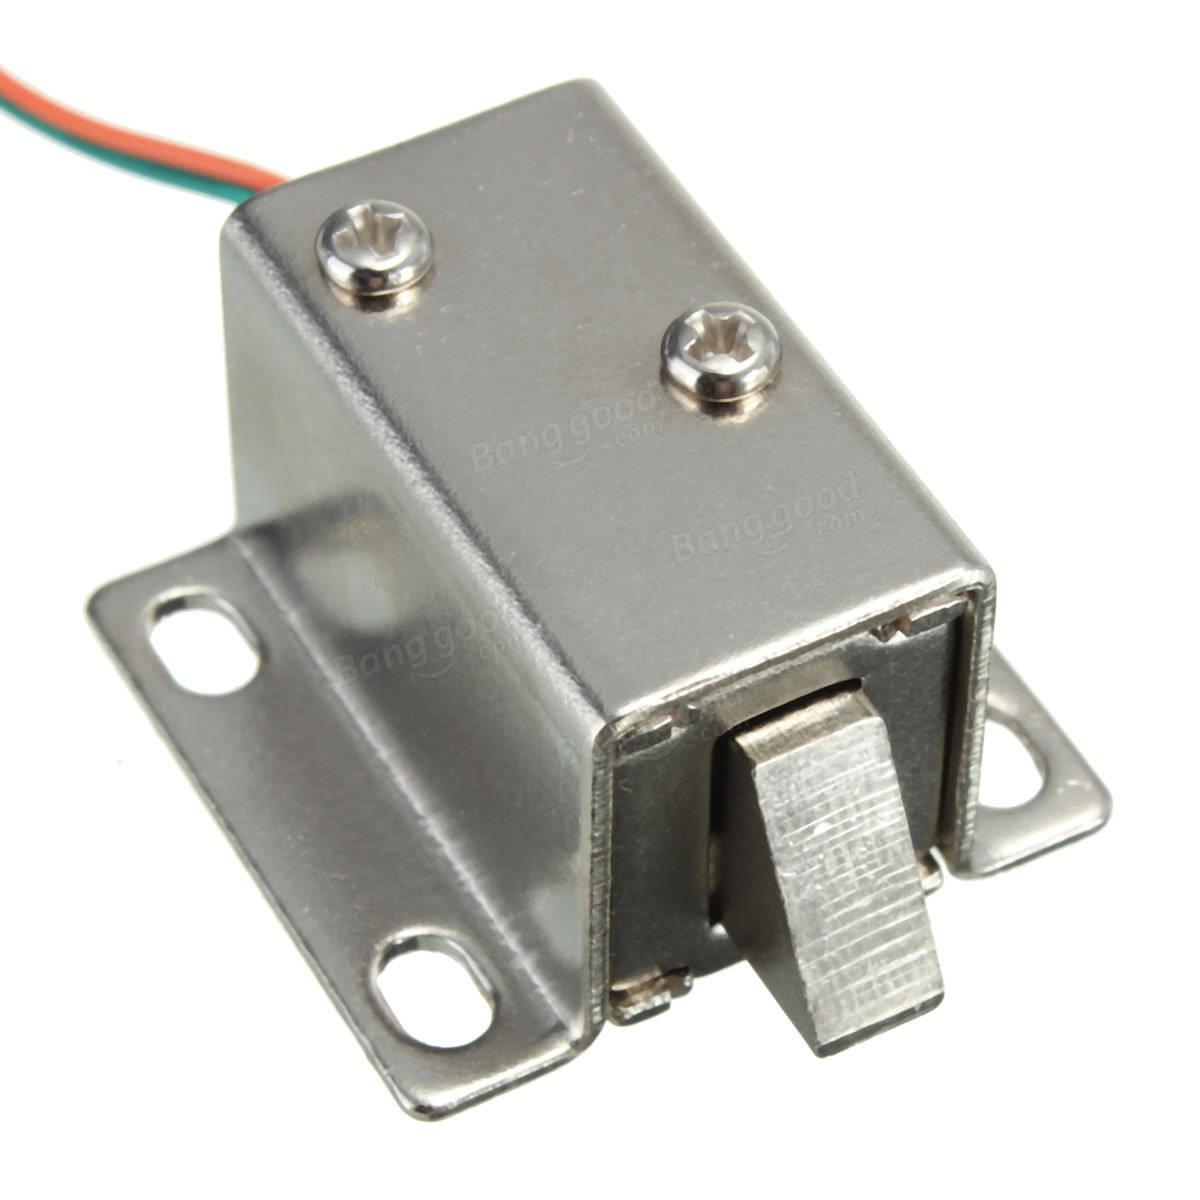 electric door knob photo - 5